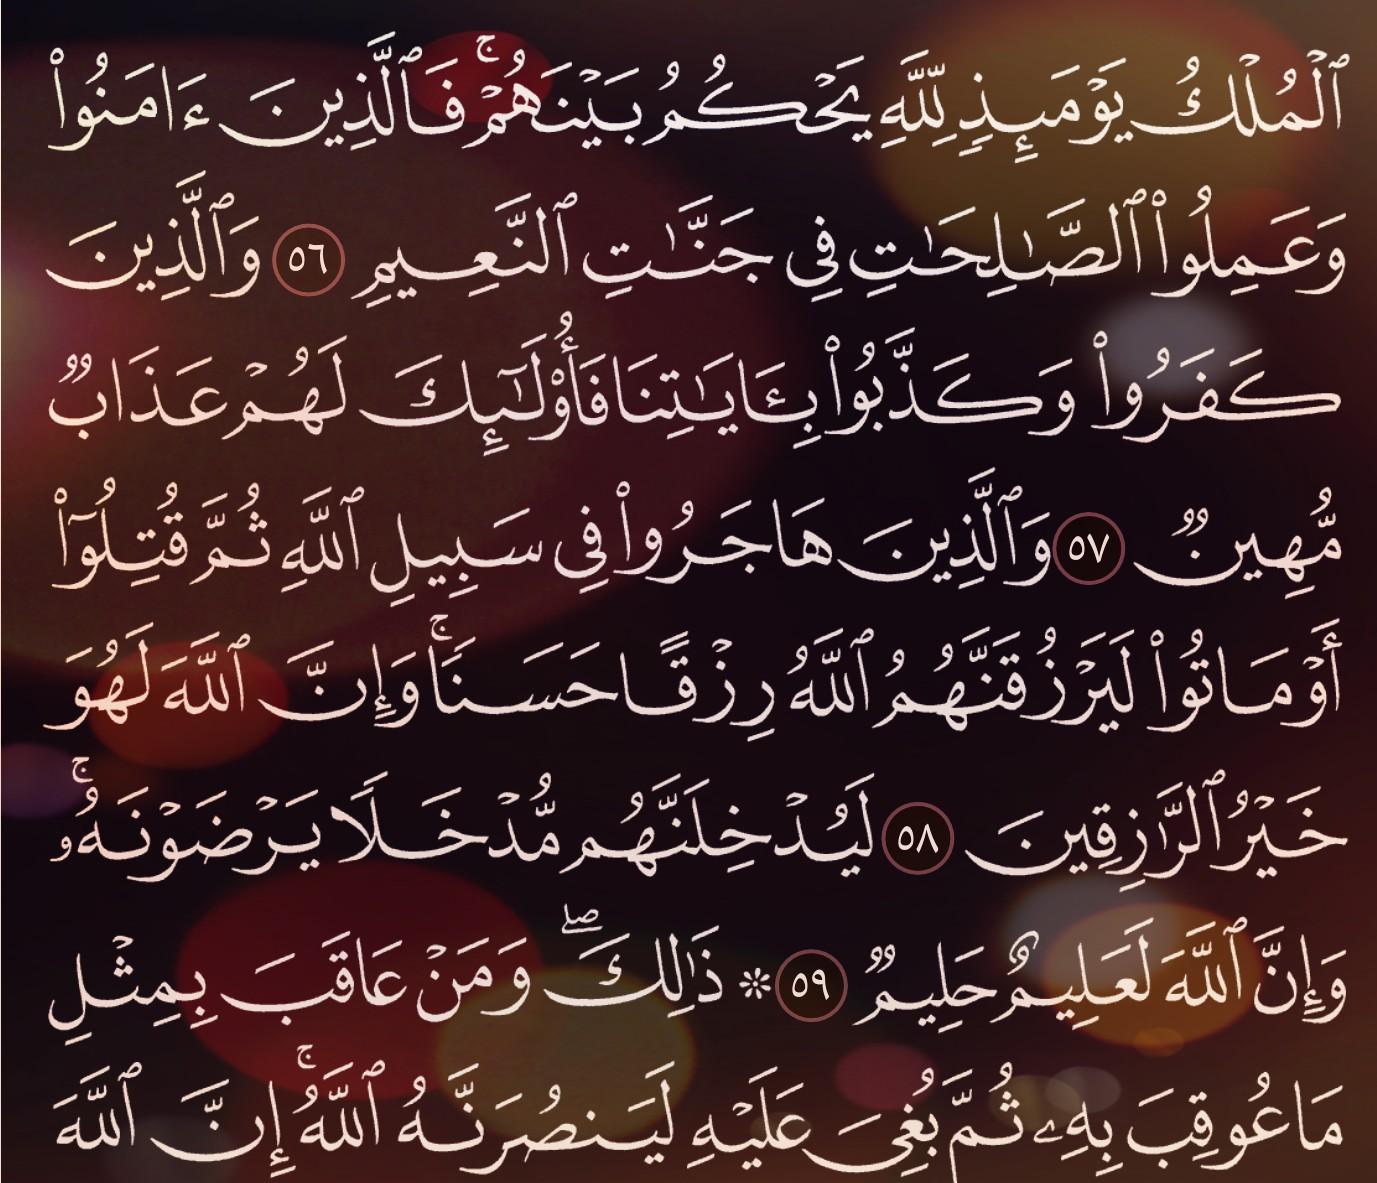 شرح وتفسير سورة الحج Surah Al Hajj ( من الآية 48 إلى الاية 60 )